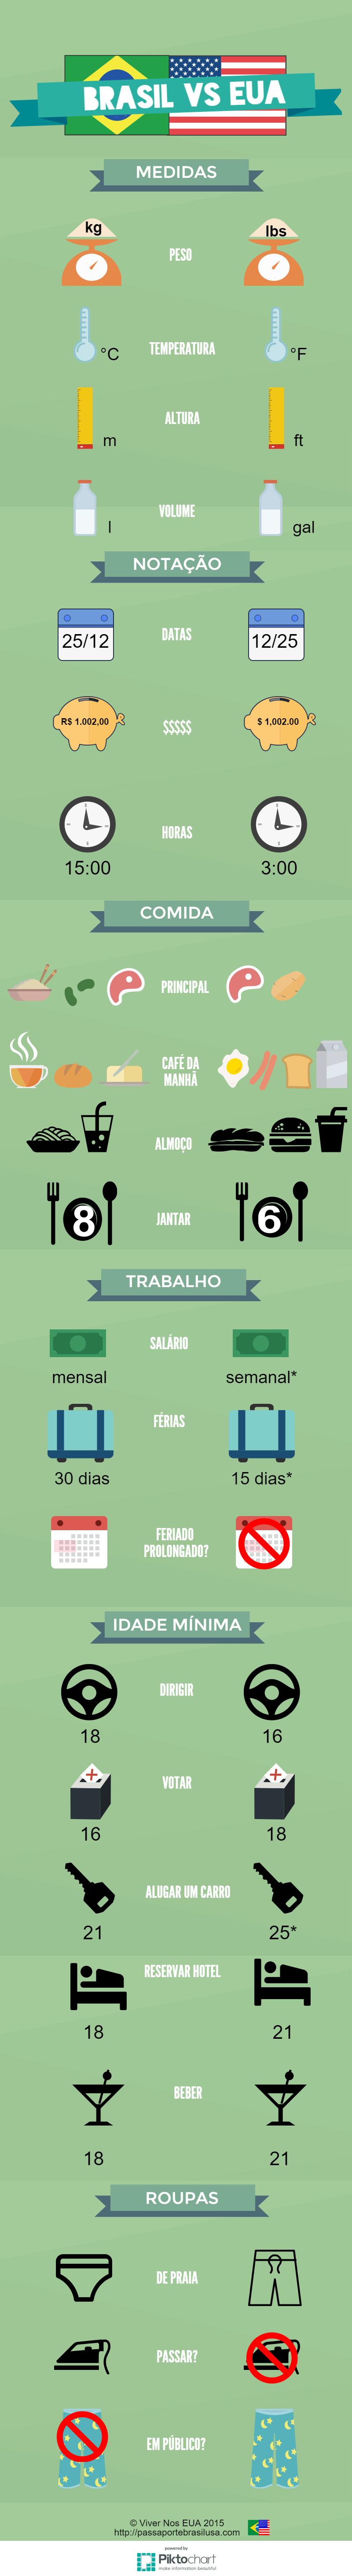 diferenças Brasil EUA